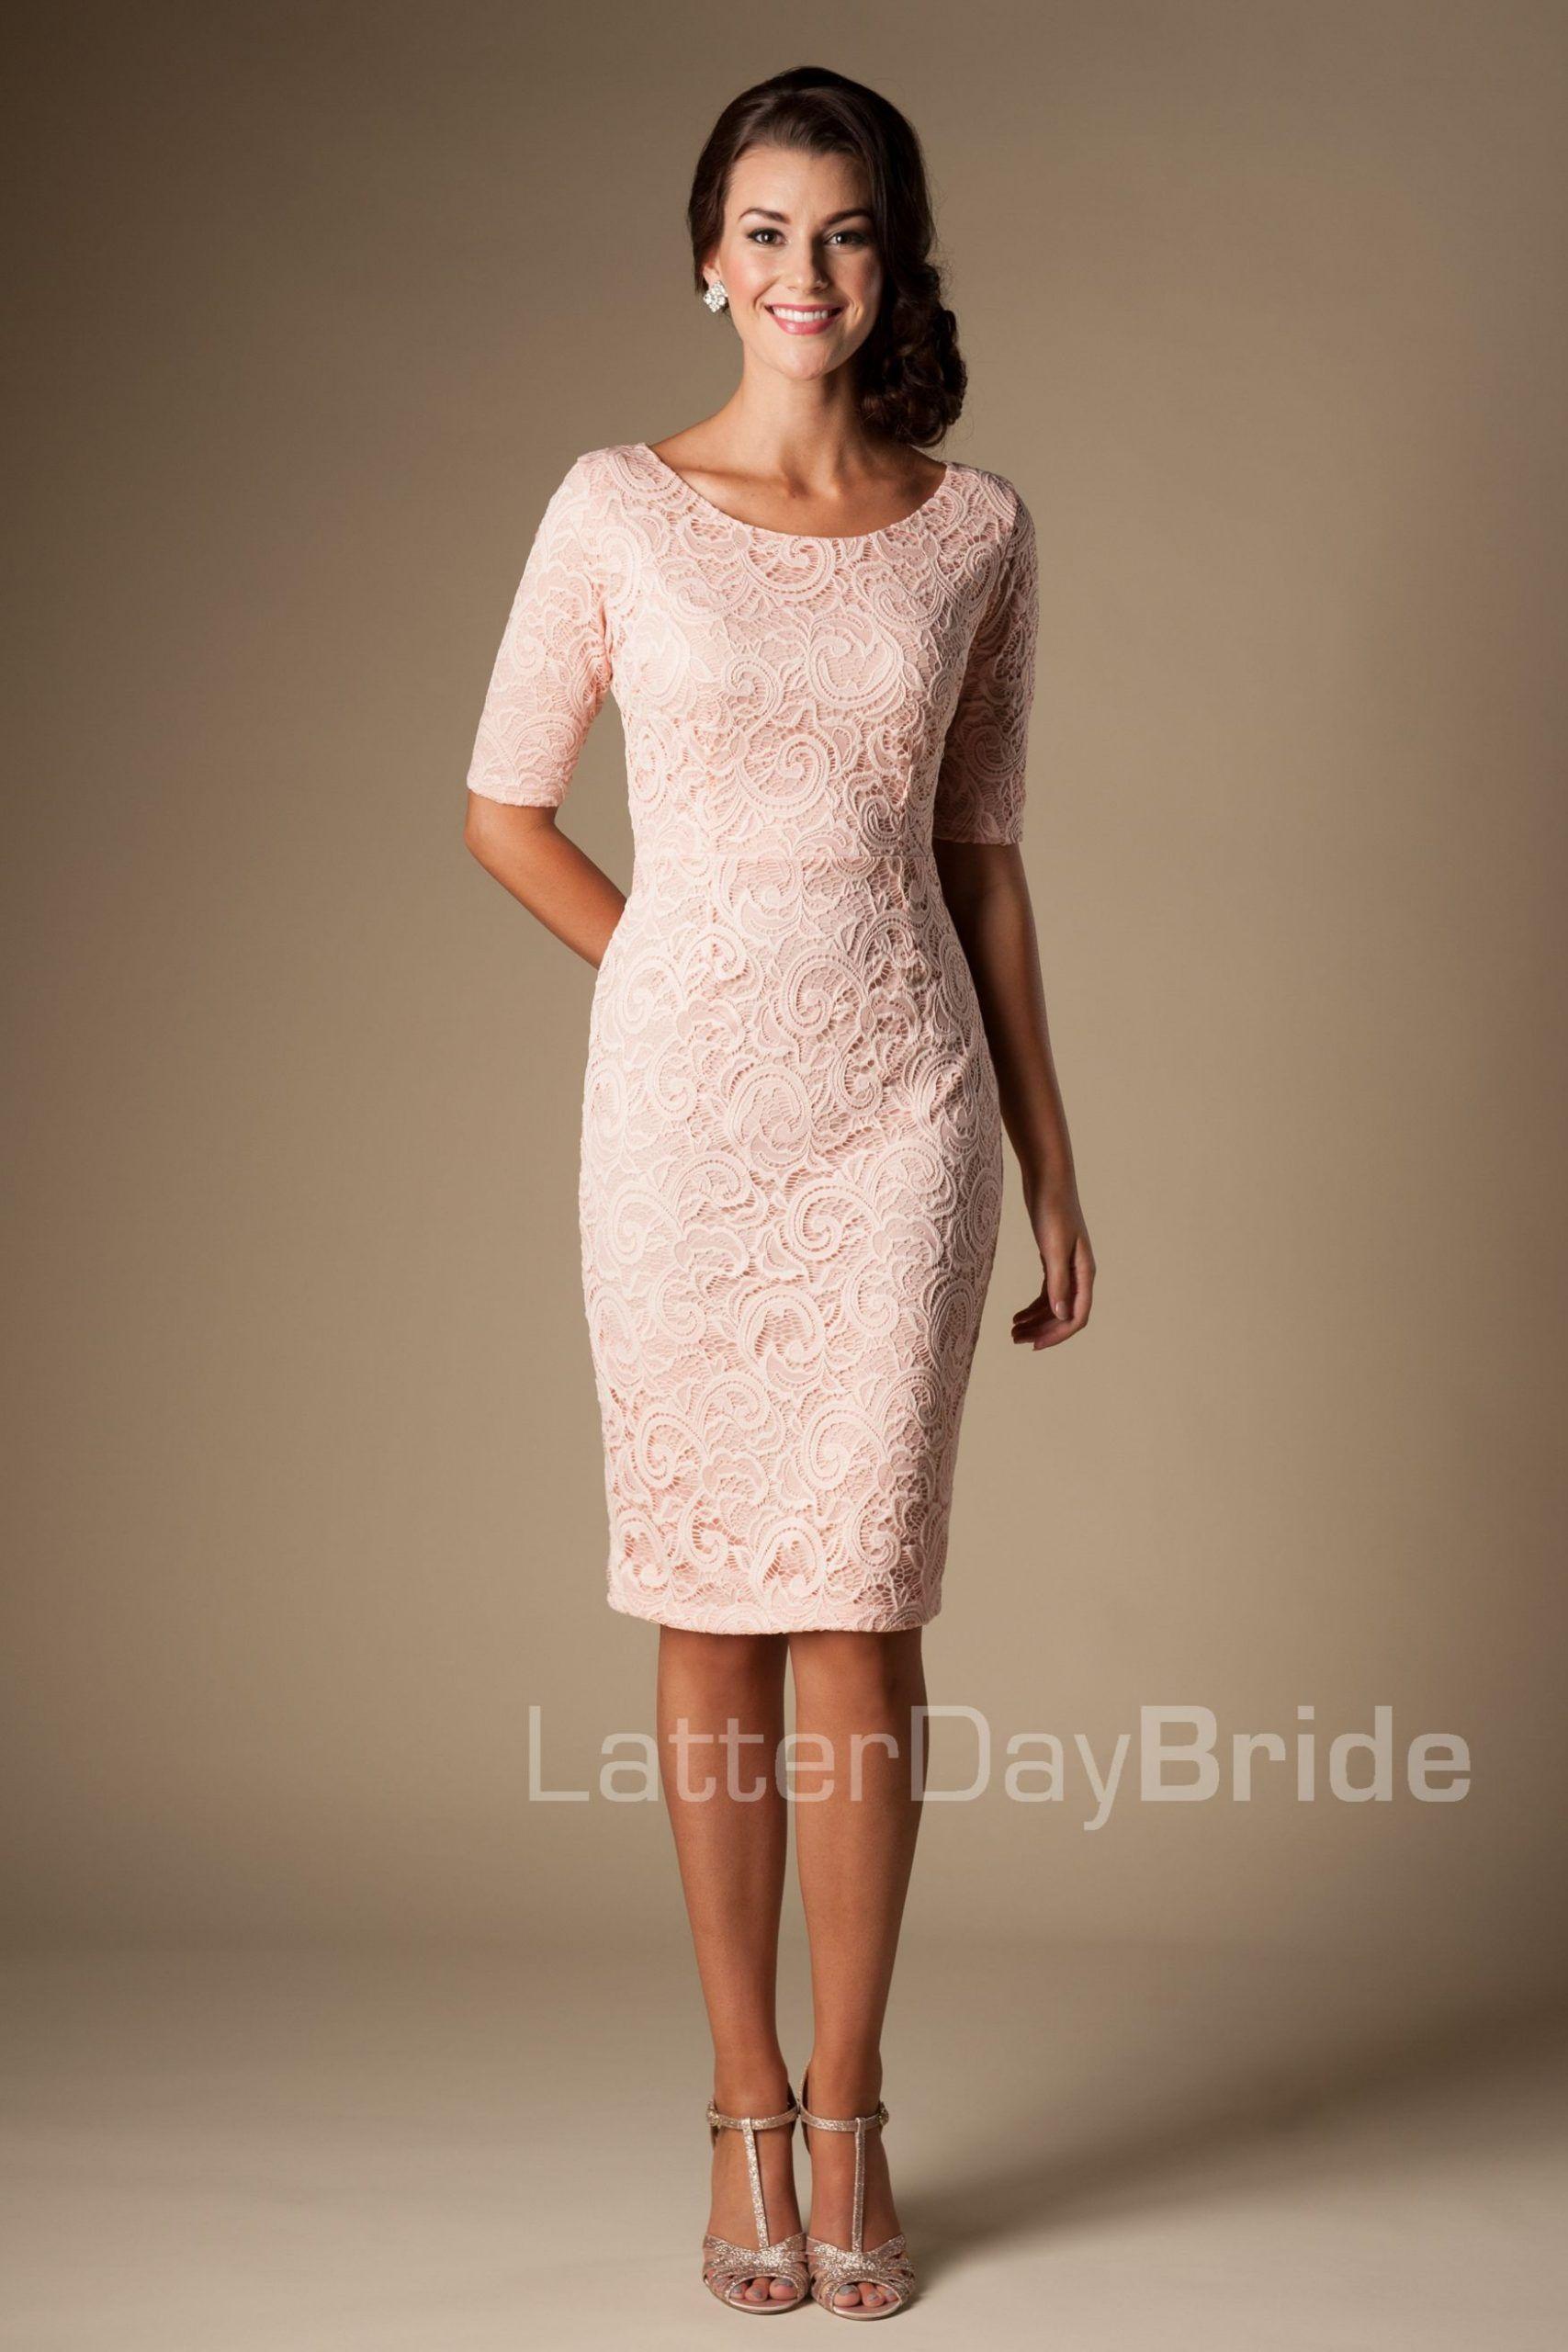 Hochzeitskleid Gast - Valentins Day - - Für Hochzeit/Gast